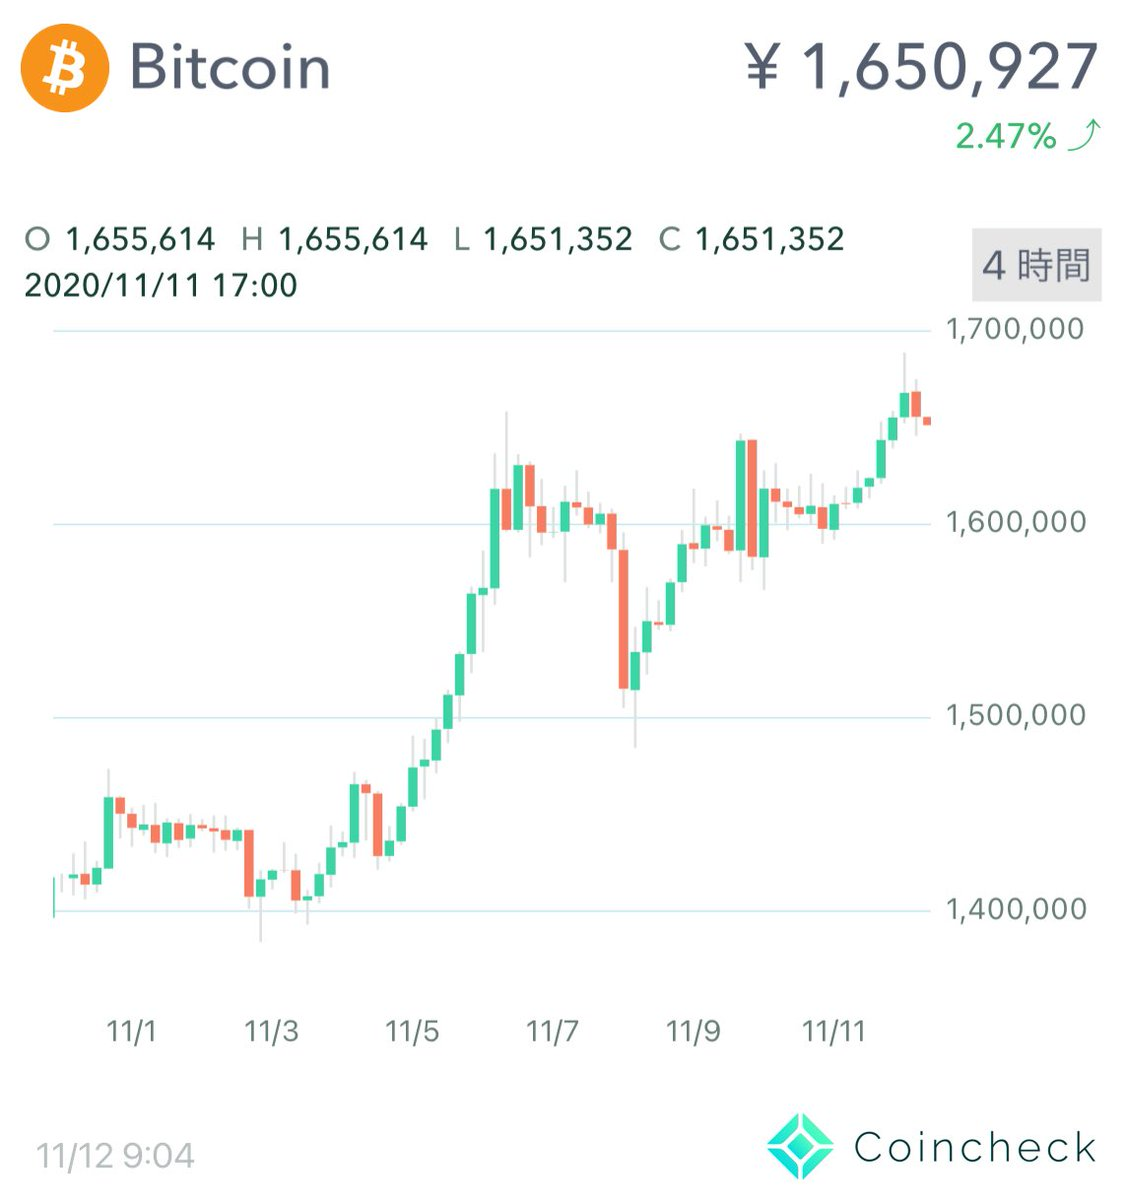 おはようございます。って、ビットコイン、見てみたら、165万円超えていたではないですか‼️少し前の動画になりますが、大槻が講師となってお届けしている「暗号資産(仮想通貨)市場について現状と今後を解説」とてもわかりやすいですよ⇩